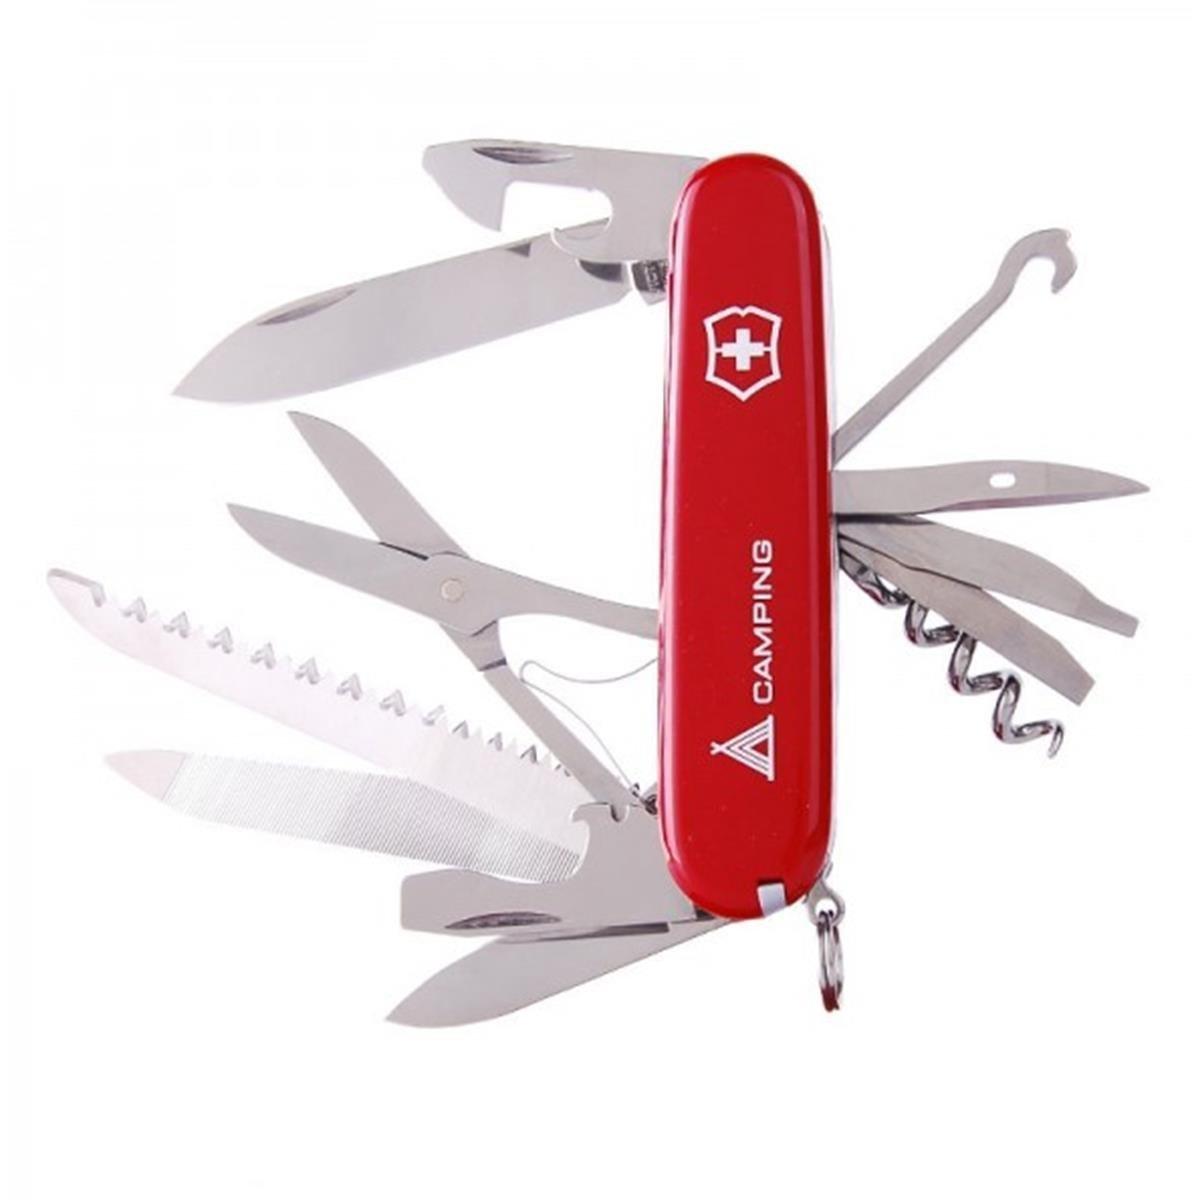 Складной многофункциональный нож Victorinox Ranger с логотипом